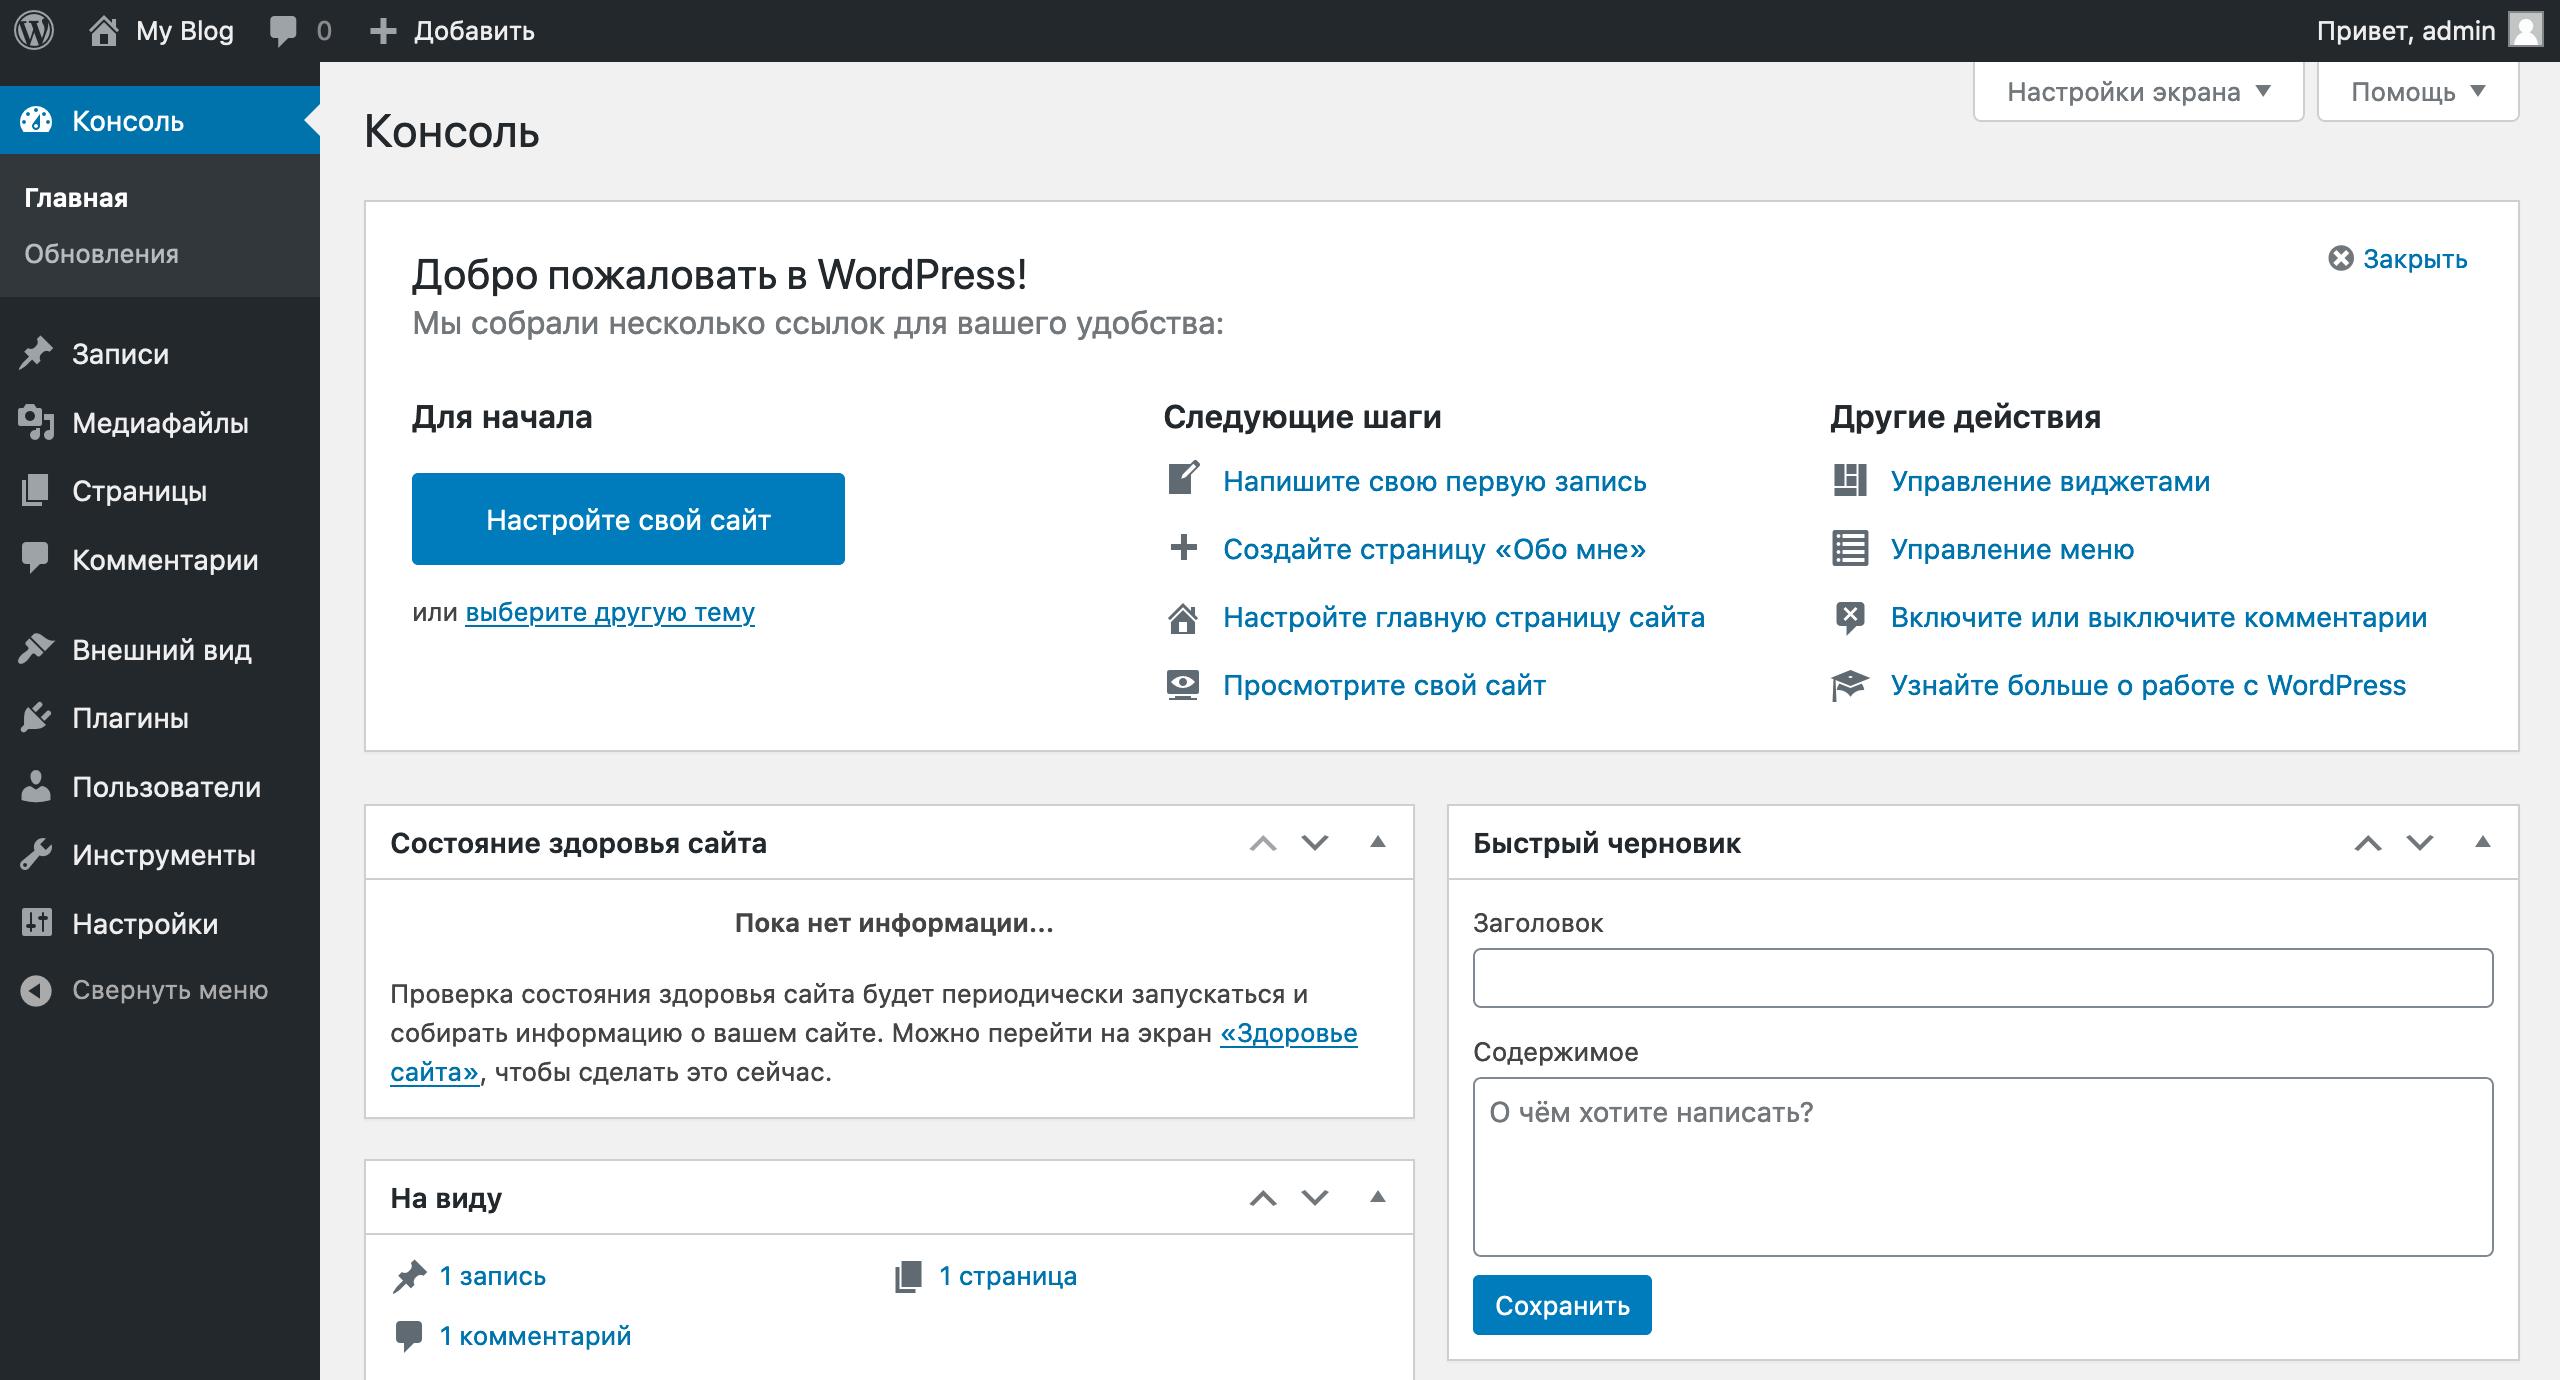 Как создать интернет-магазин на WordPress бесплатно: домашняя страница консоли вордпресс